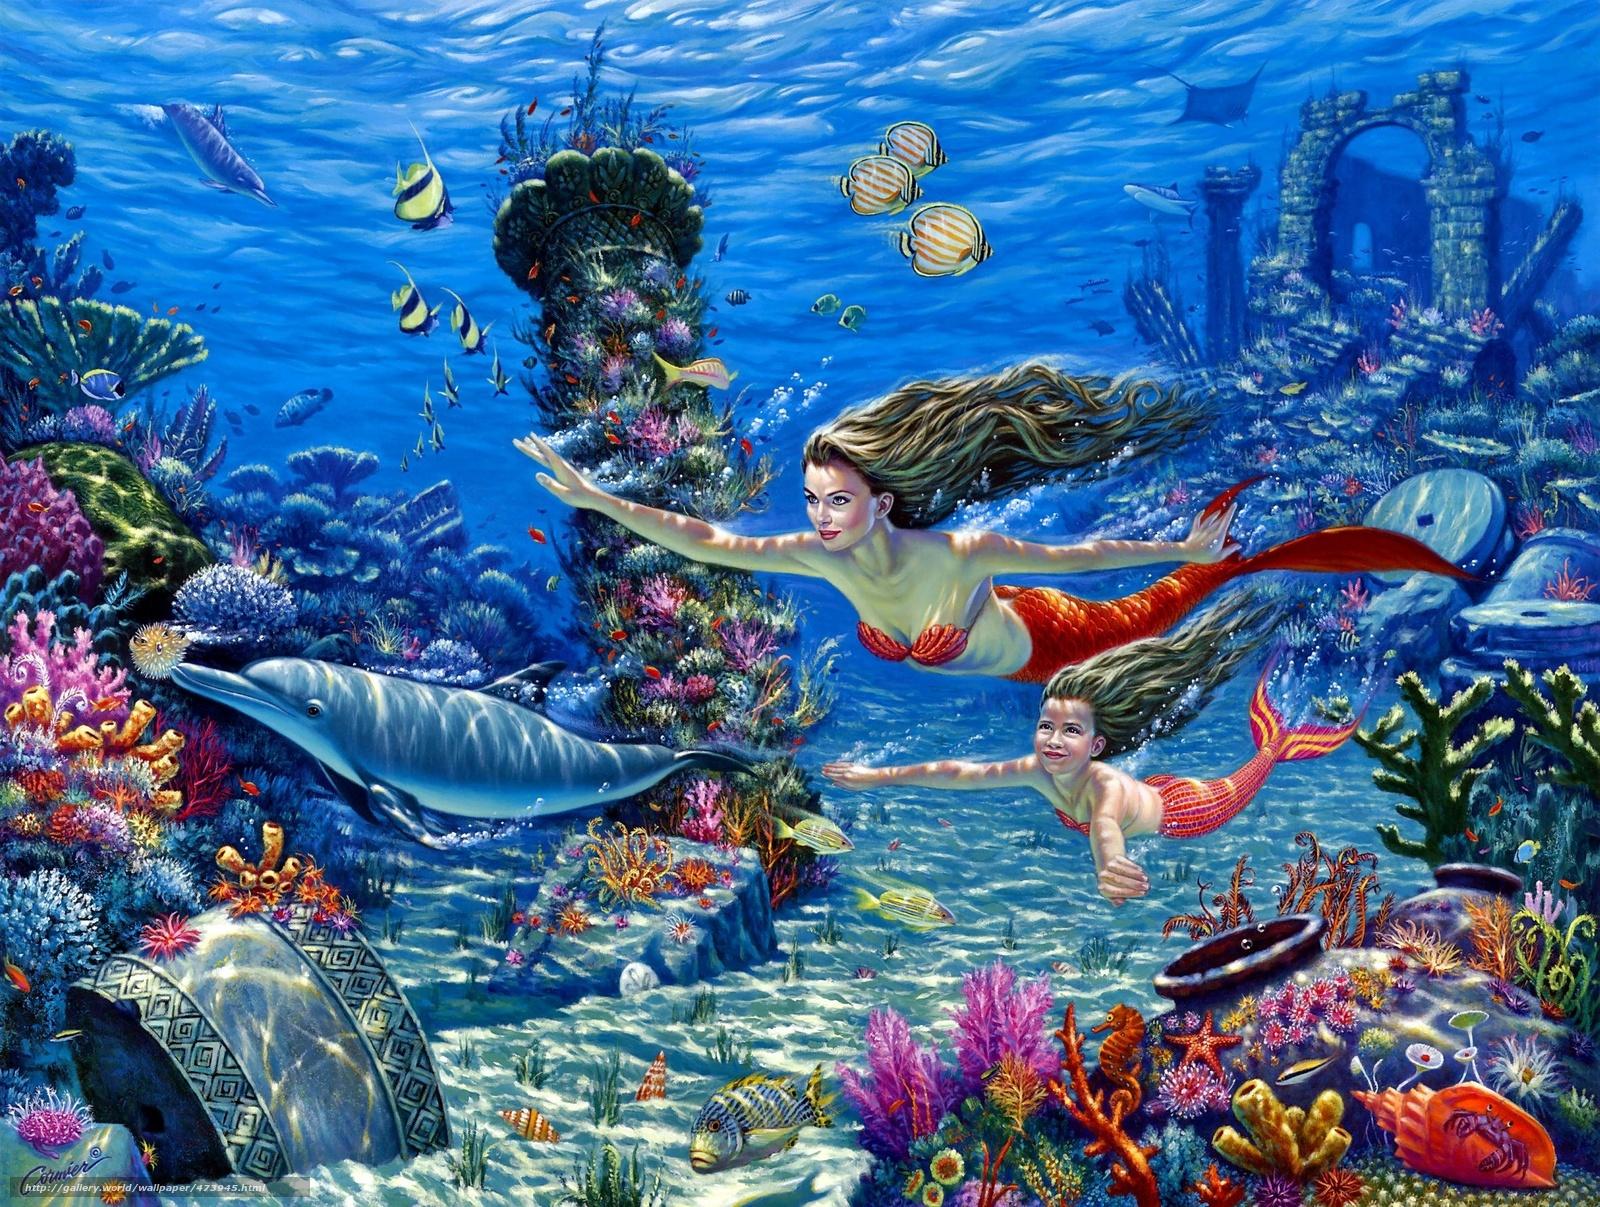 Cormier подводный мир русалки дельфины